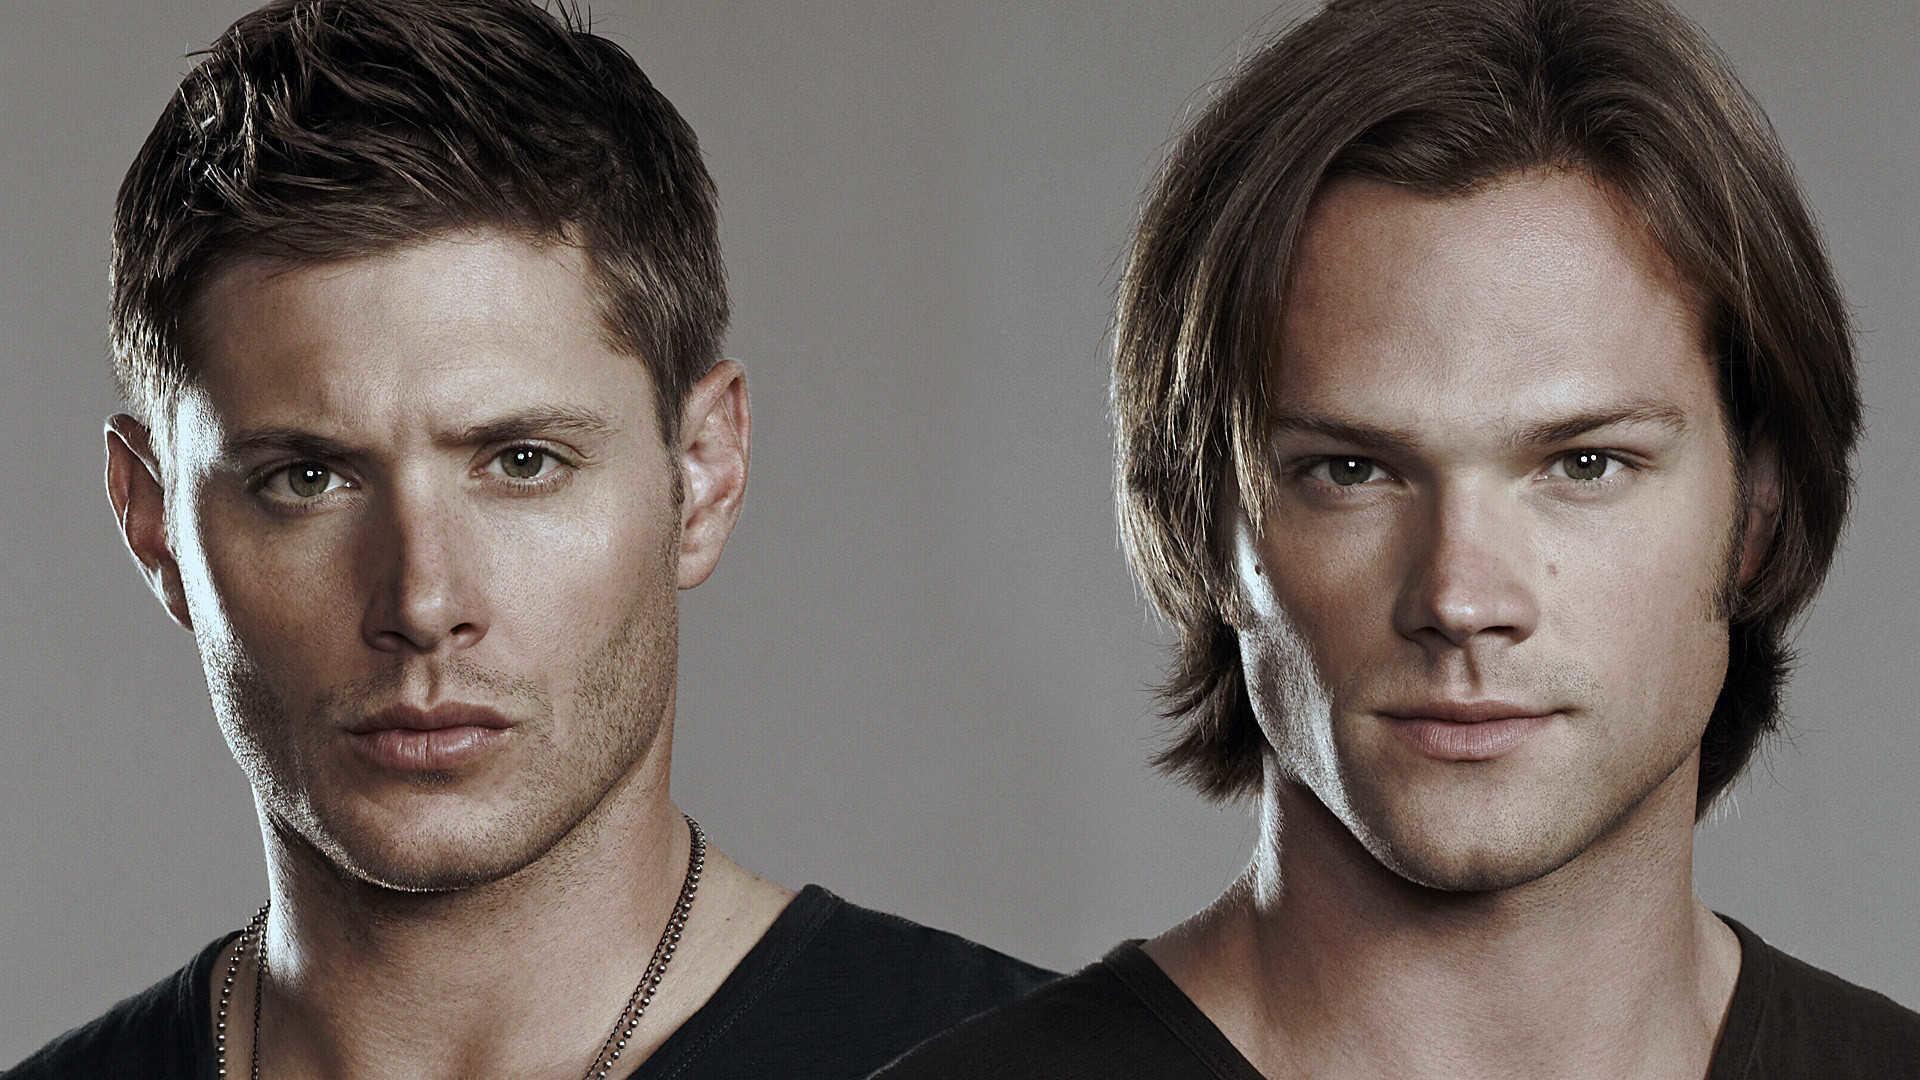 Jensen Ackles Jared Padalecki Wallpaper